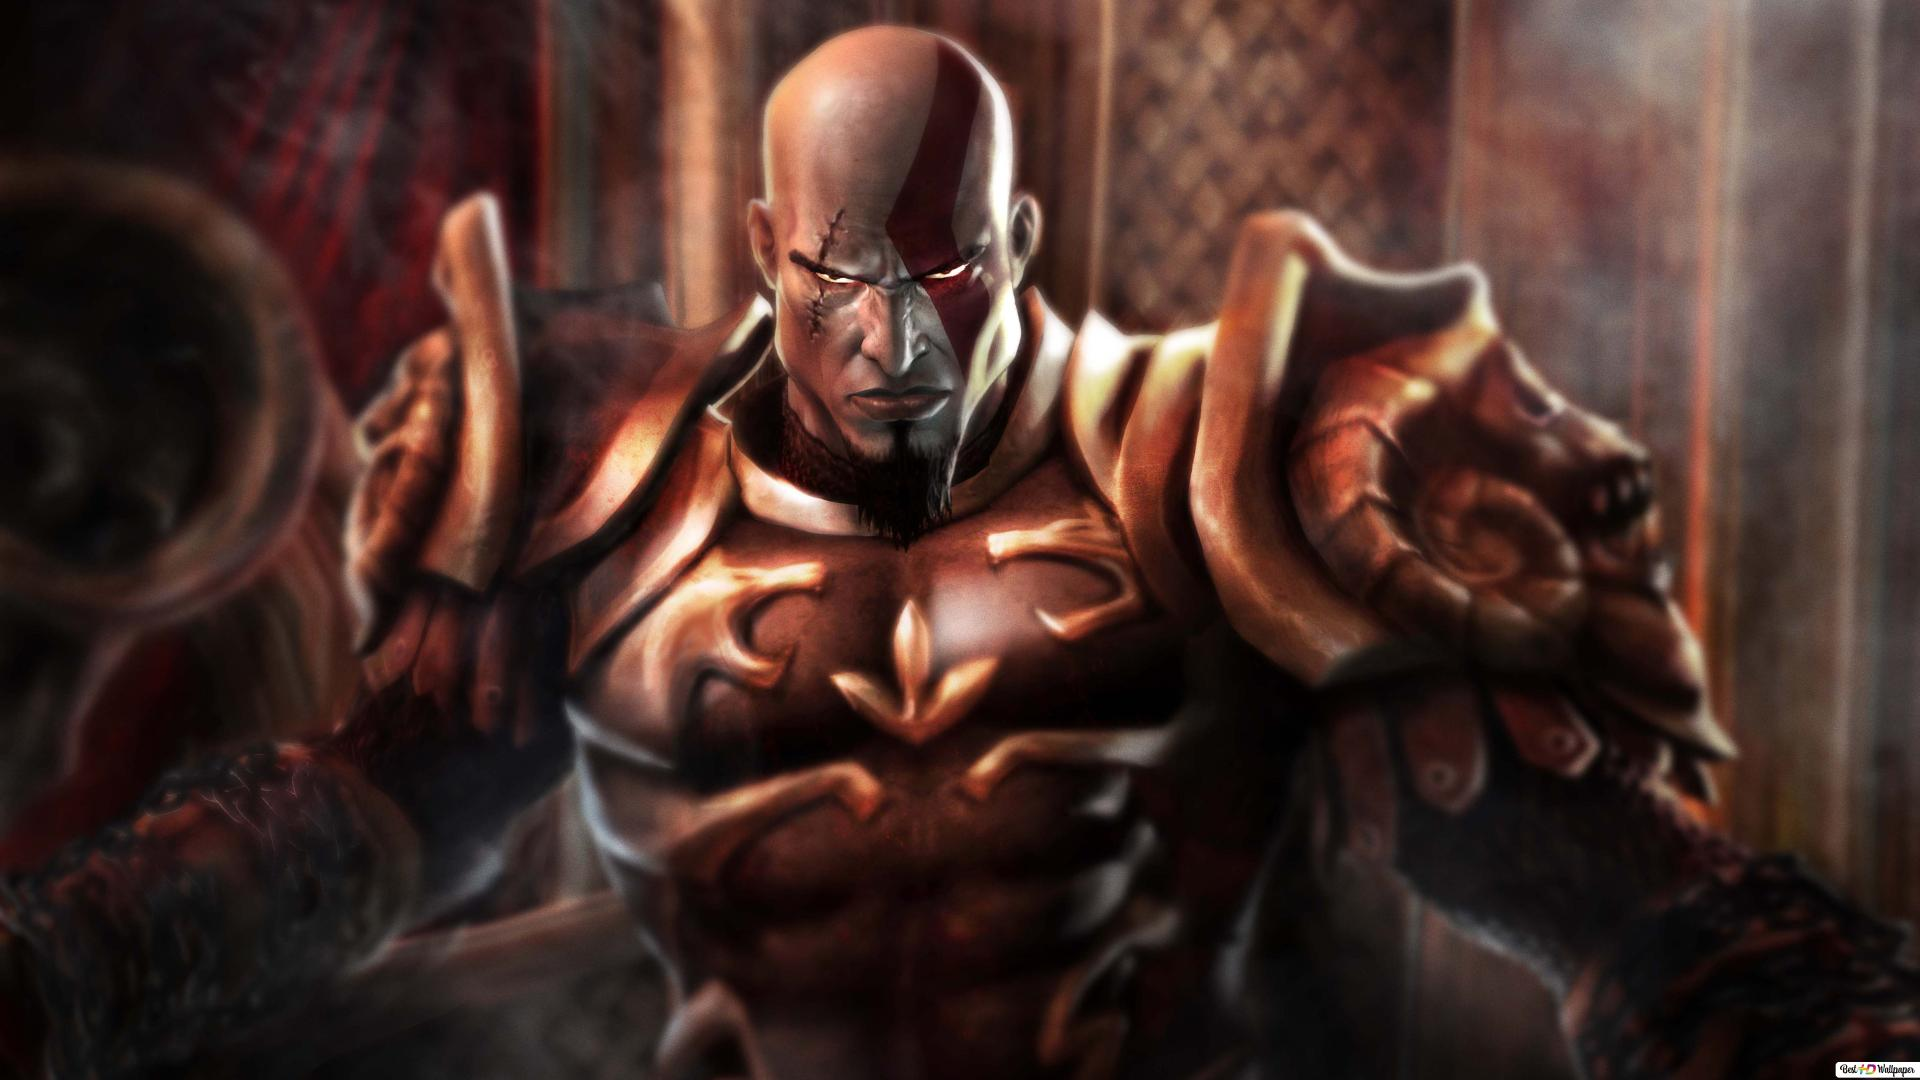 God Of War 4 Videospiel Kratos Rüstung Hd